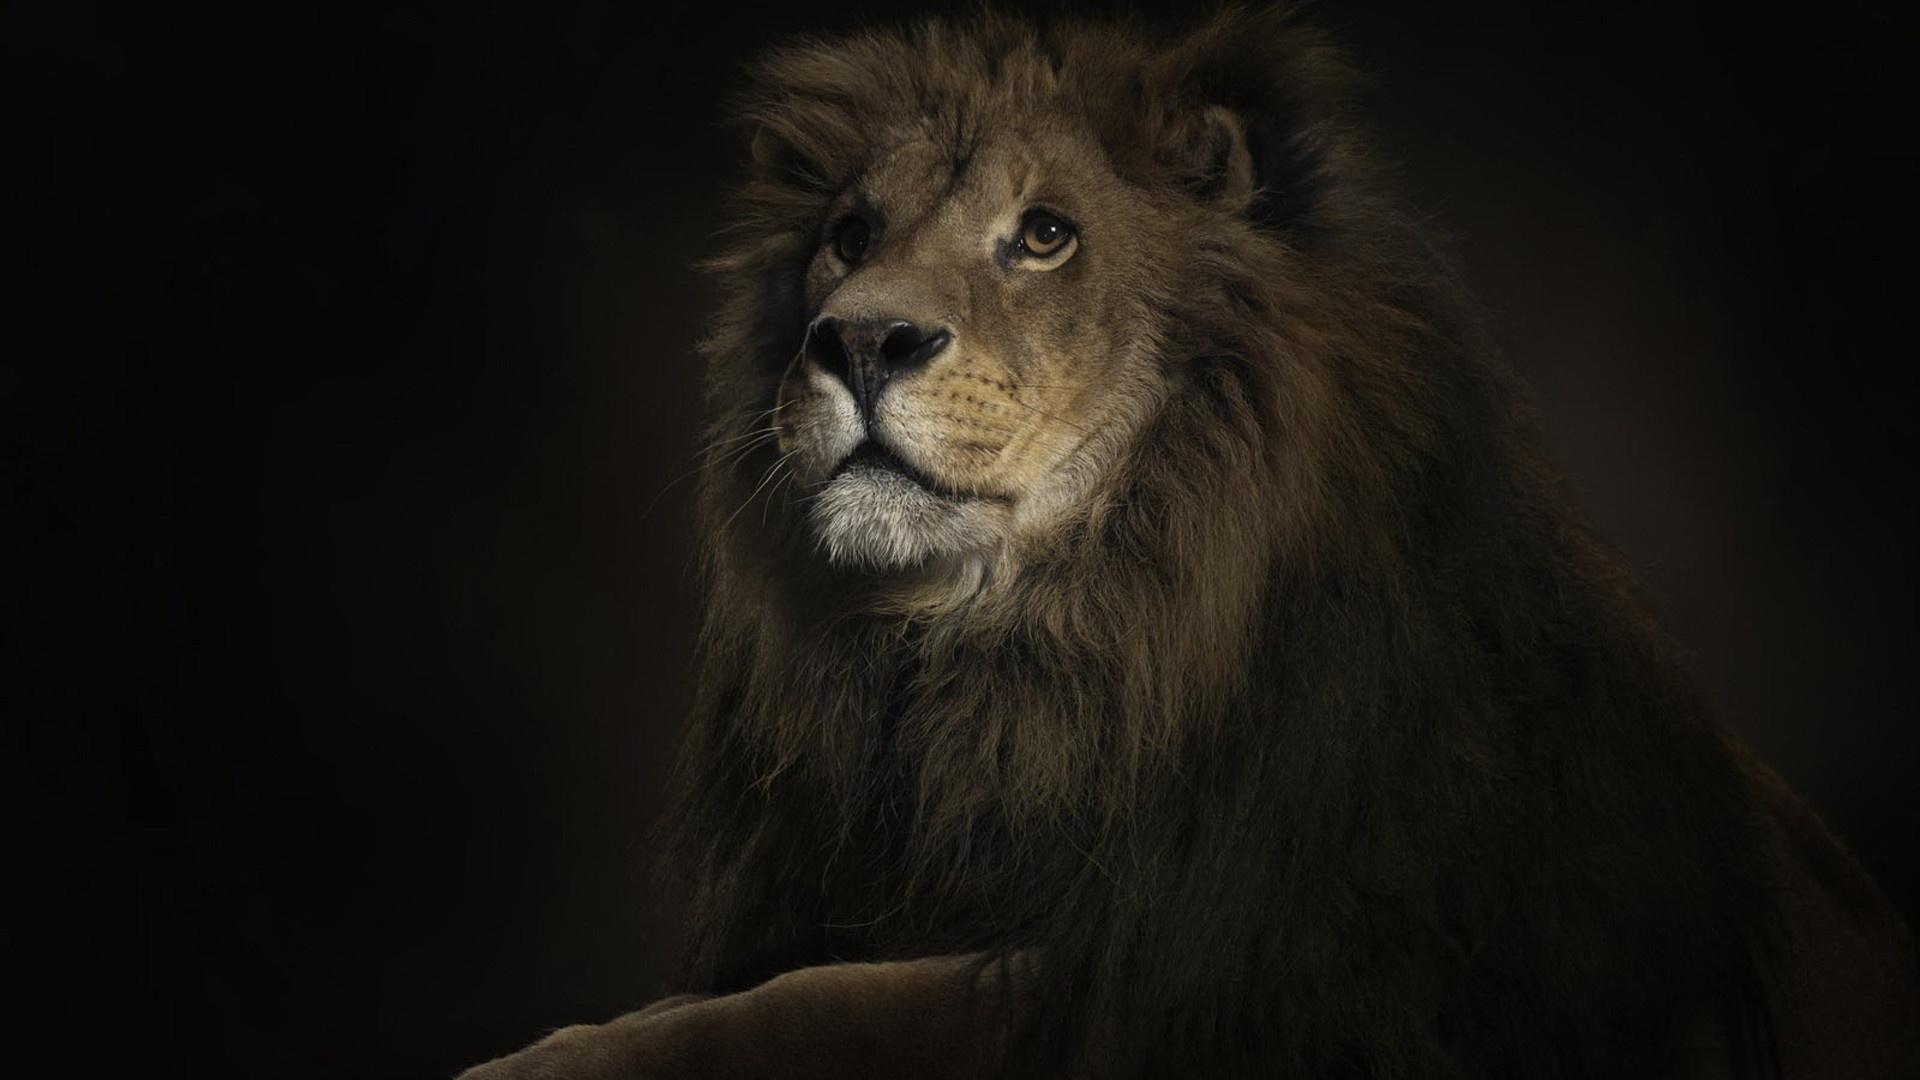 Portrait of a lion lions wallpapers pinterest portrait of a lion voltagebd Gallery